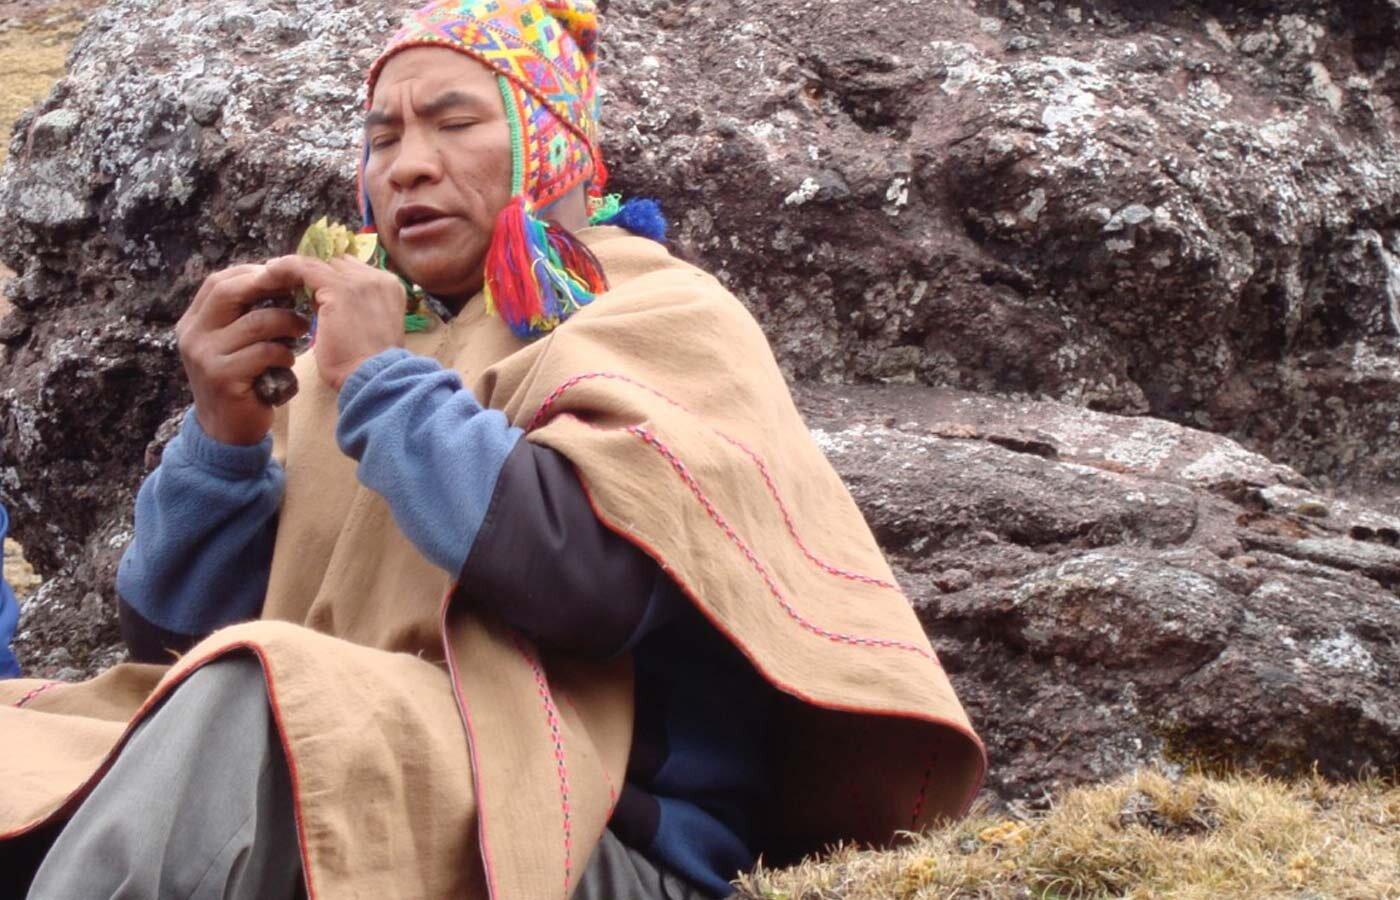 Pampamesayoq coca leaf blessings